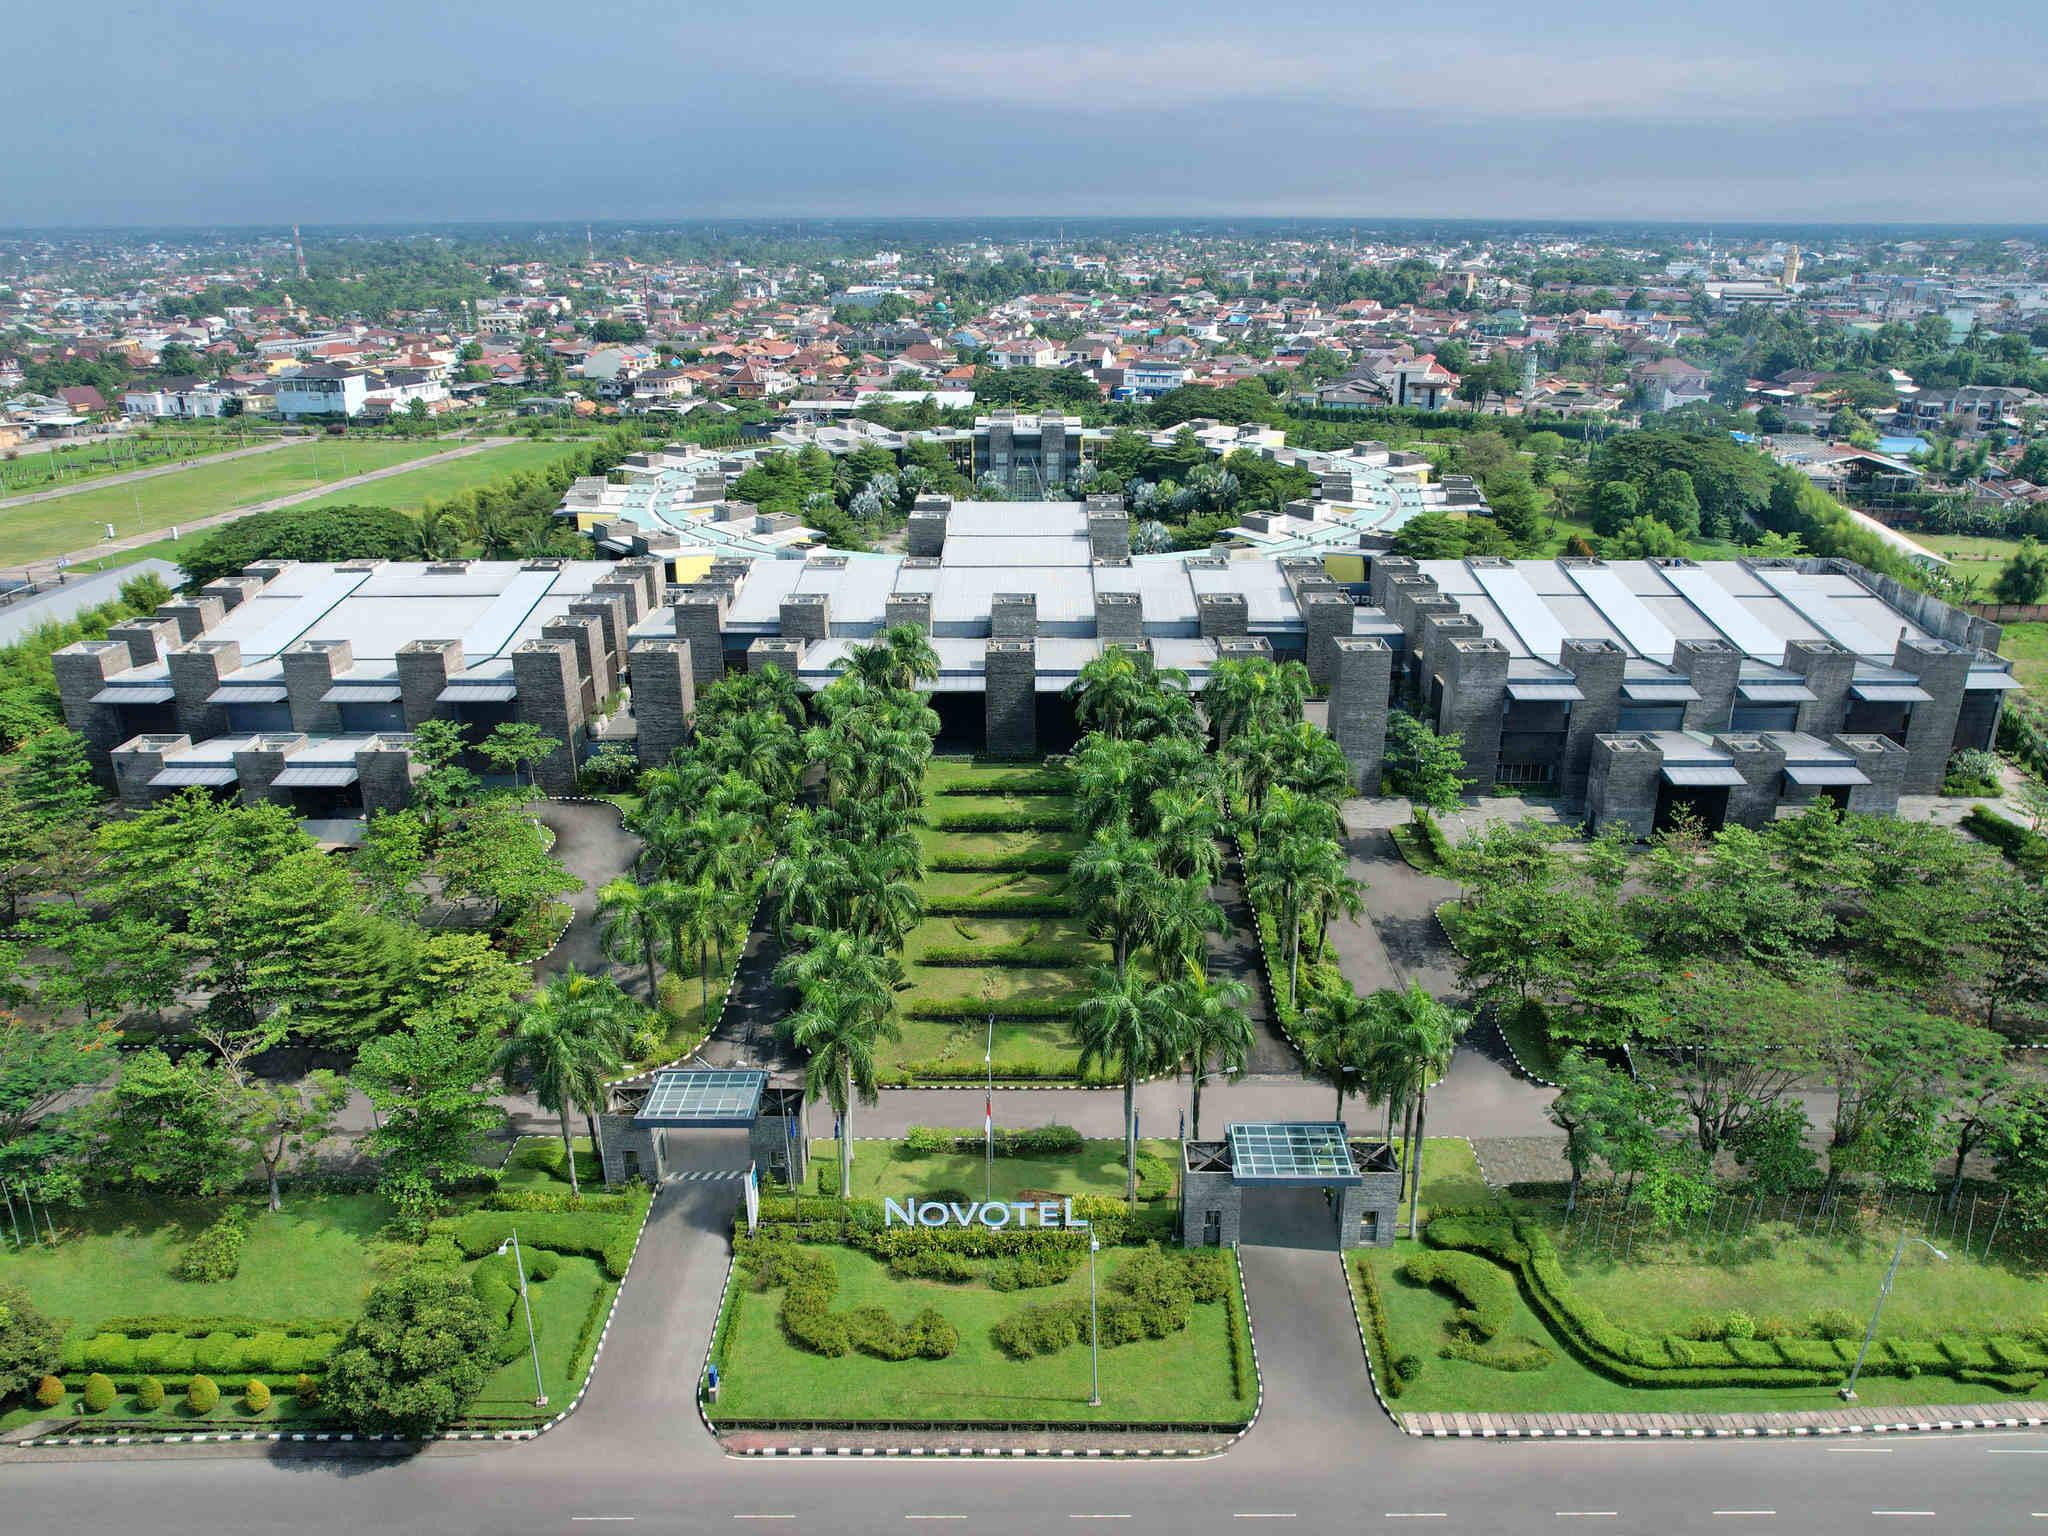 Otel – Novotel Palembang - Hotel & Residence